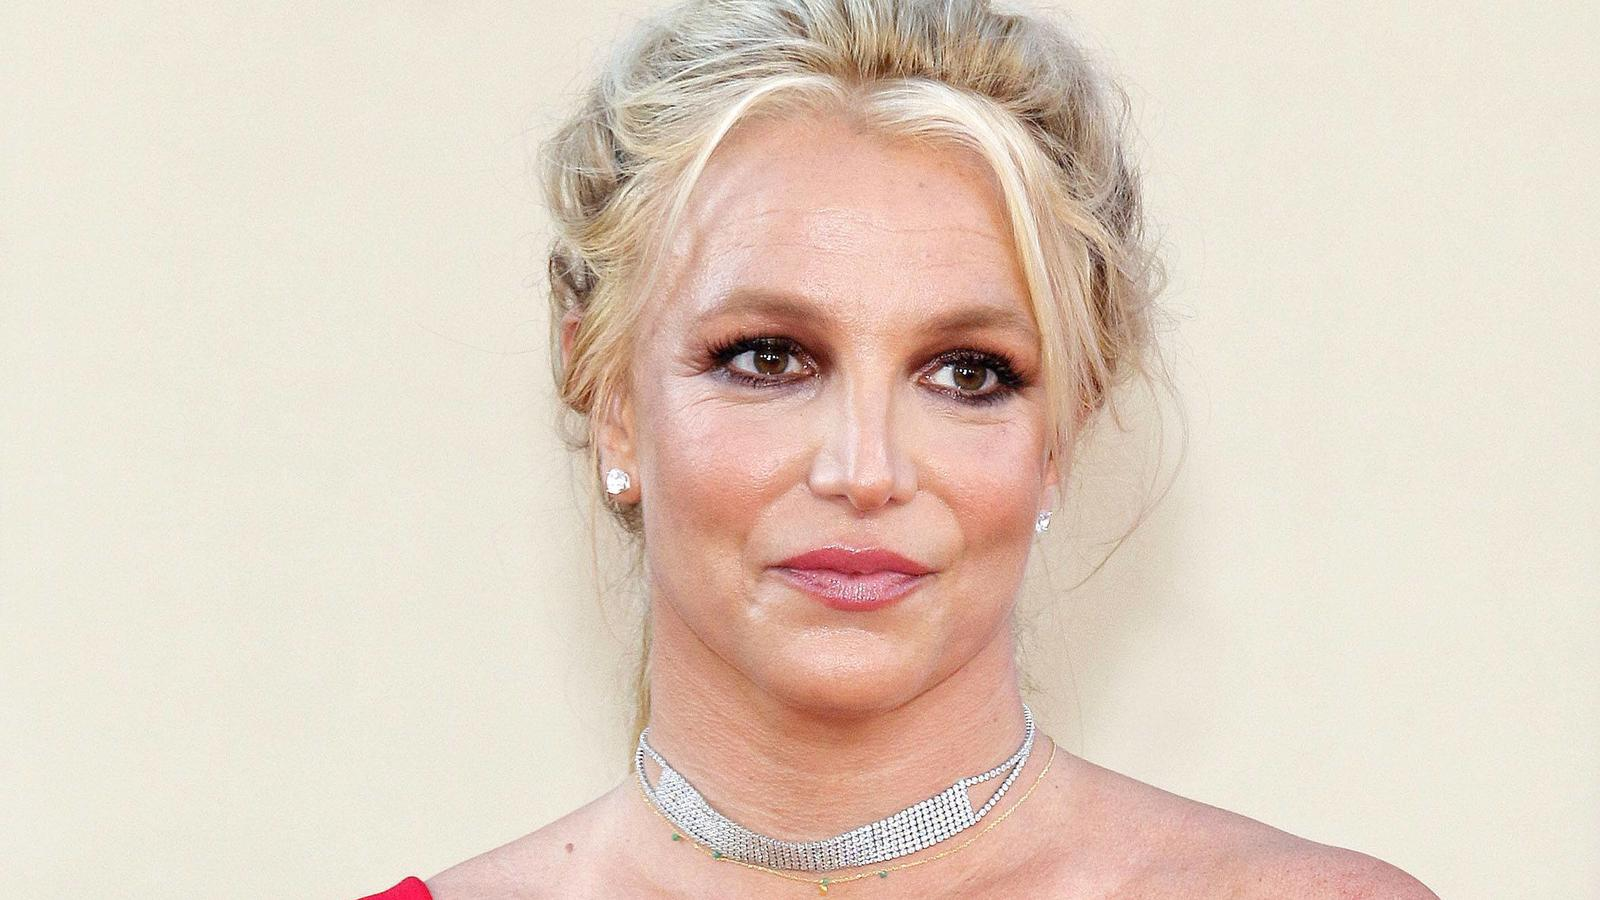 Britney Spears hat scheinbar eine Änderung ihres Vormundes vor Gericht beantragt